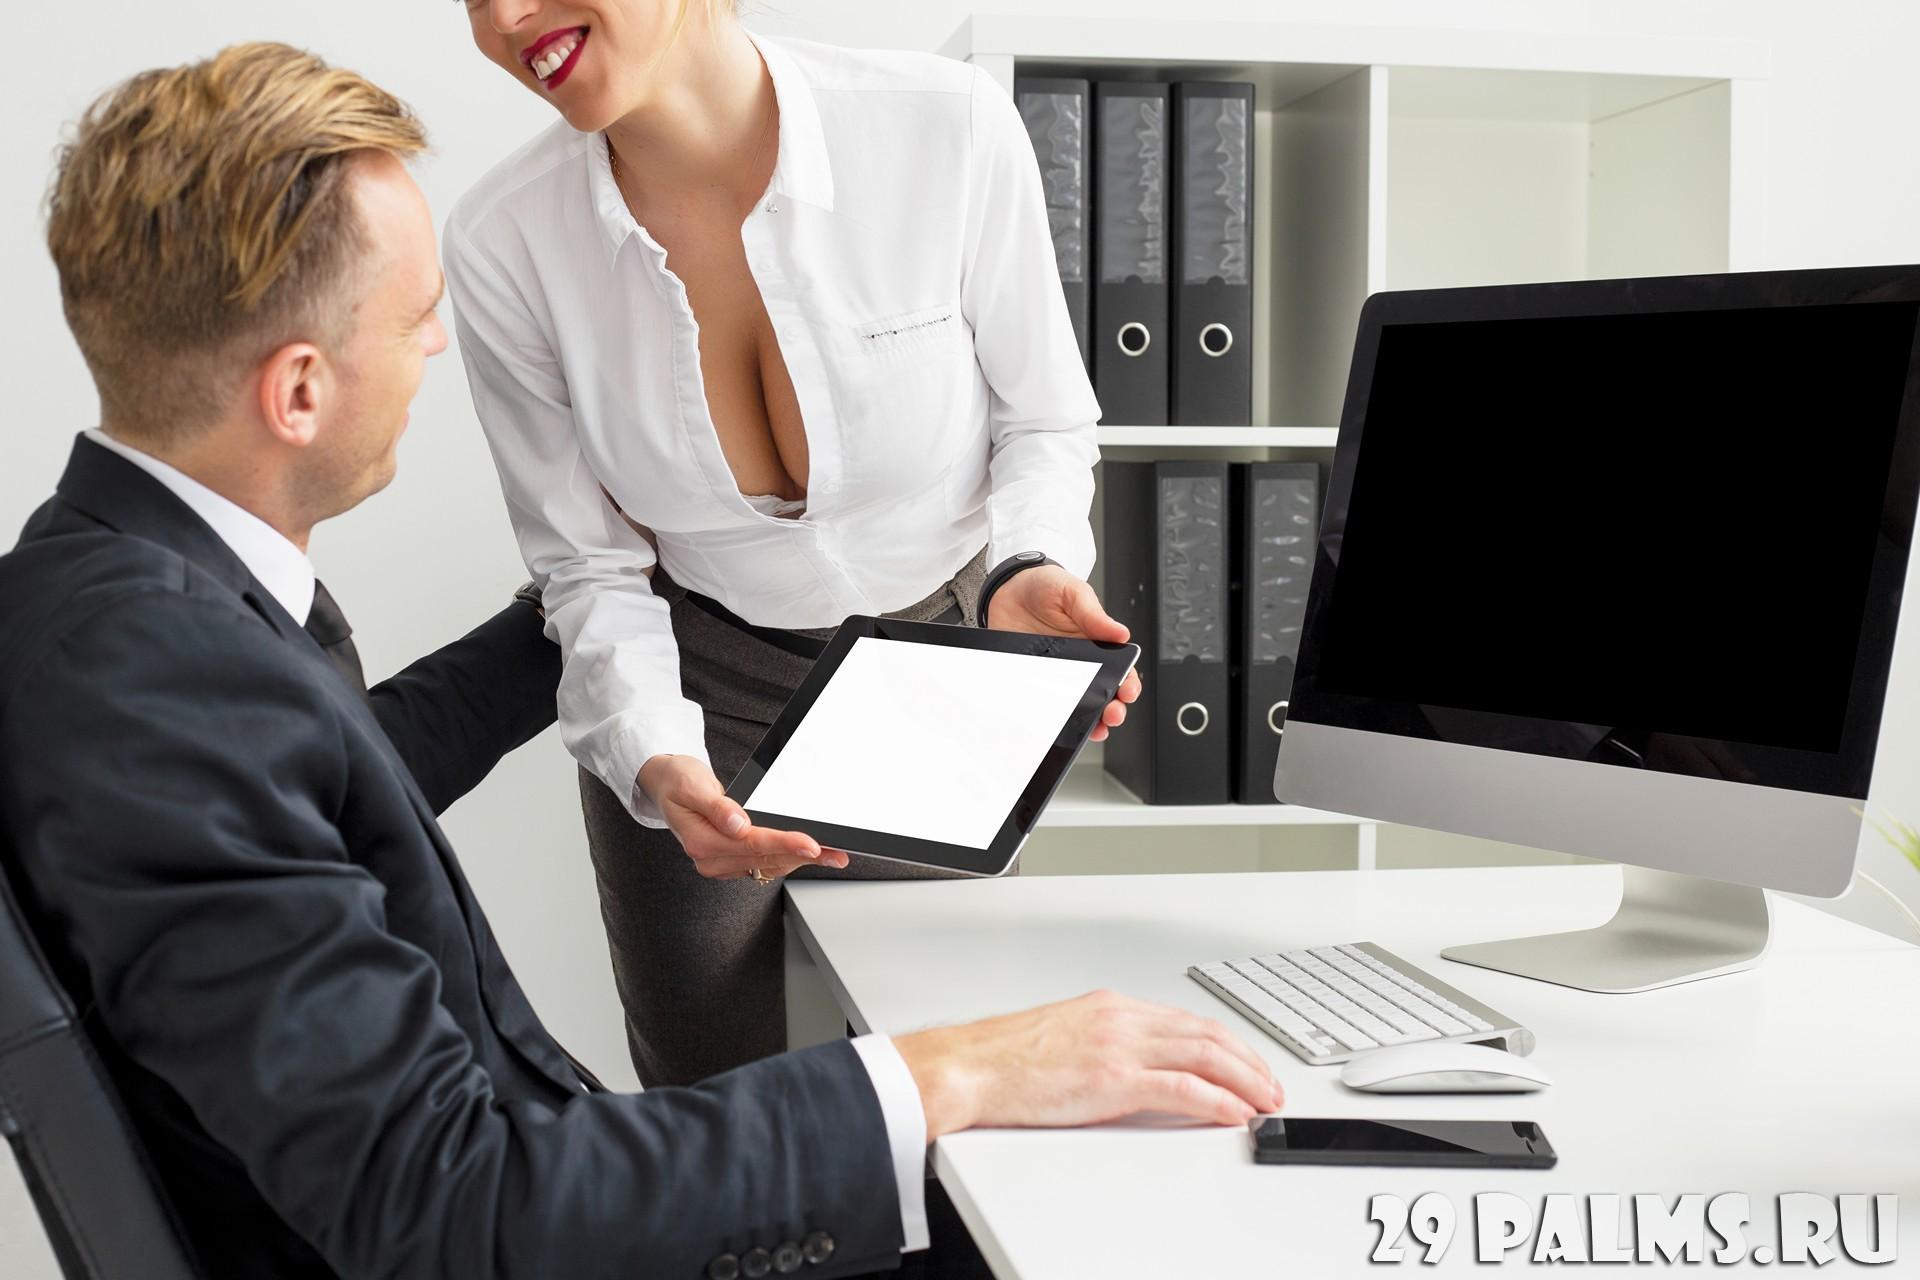 Рассказ шеф и секретарша, Лариса Маркиянова. Секретарша босс (рассказ) 3 фотография